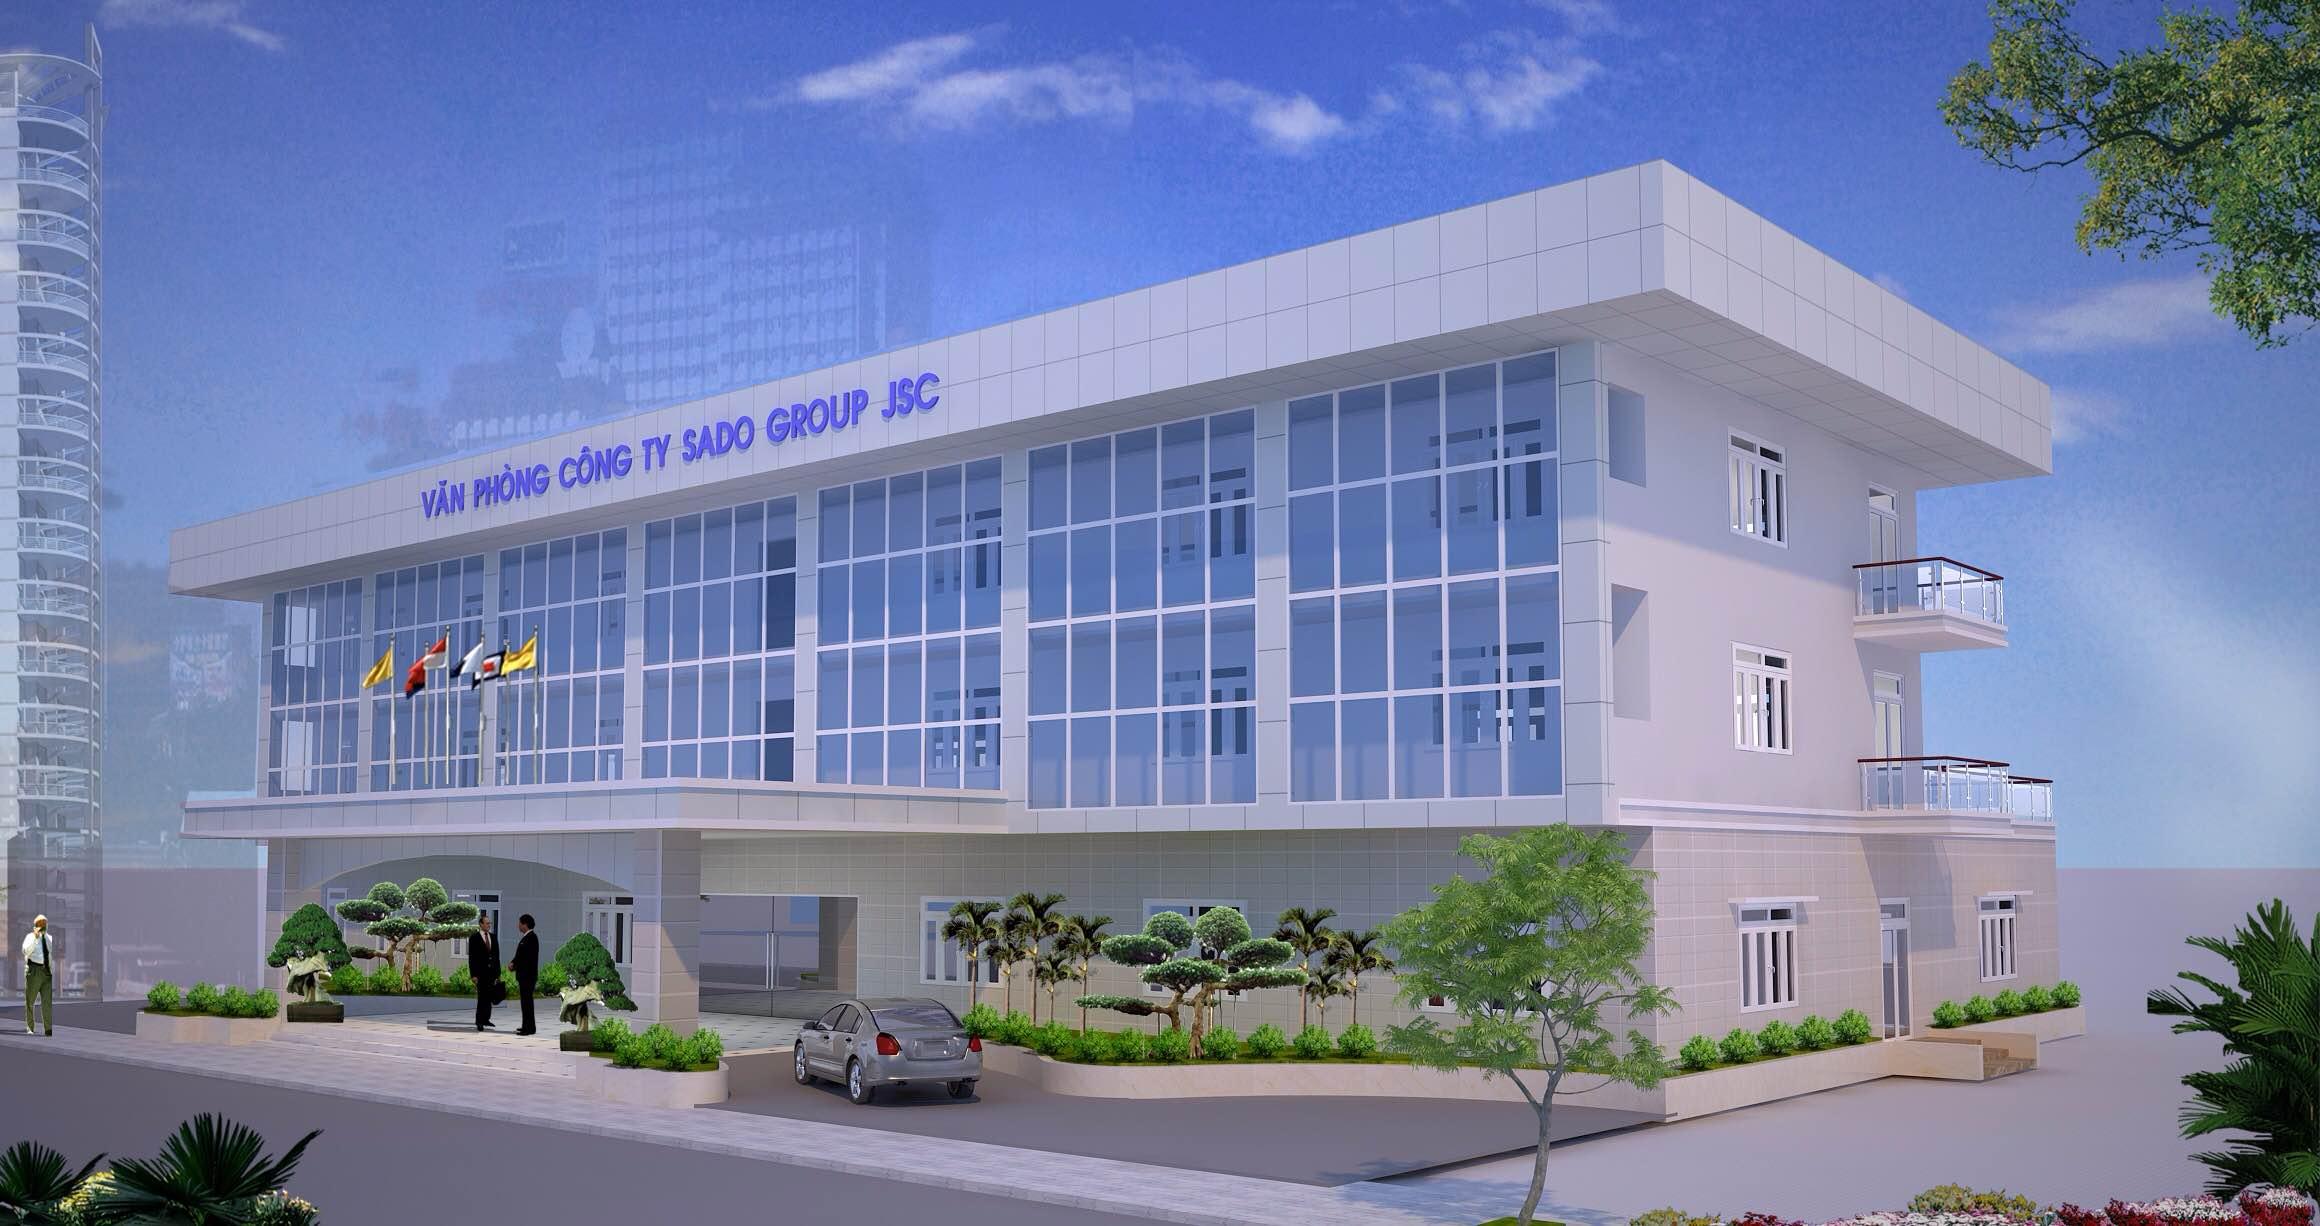 Văn phòng công ty sado Đồng Nai